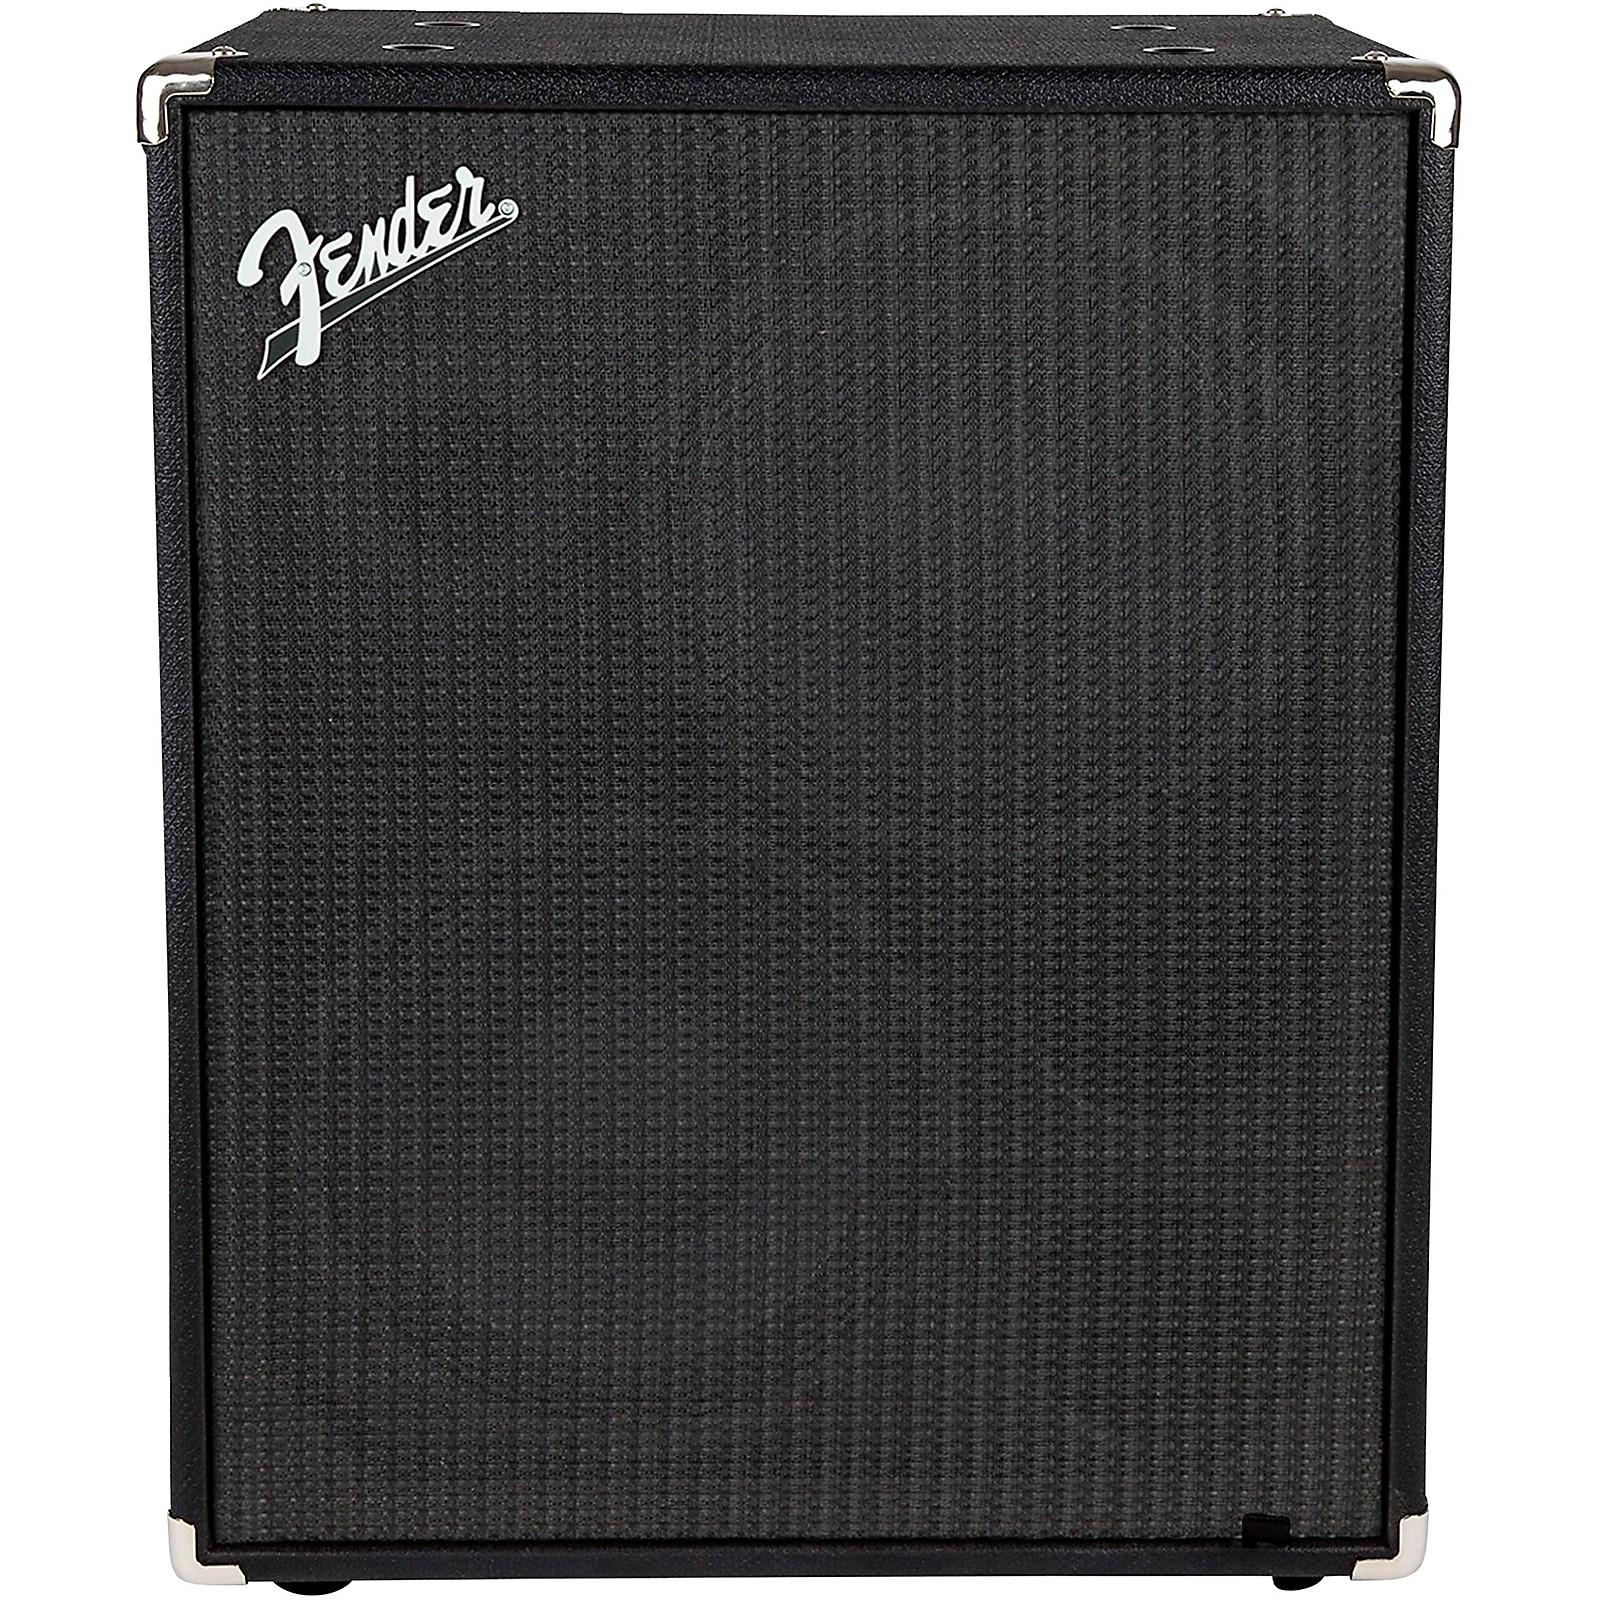 Fender Rumble 210 V3 700W 2x10 Bass Speaker Cabinet